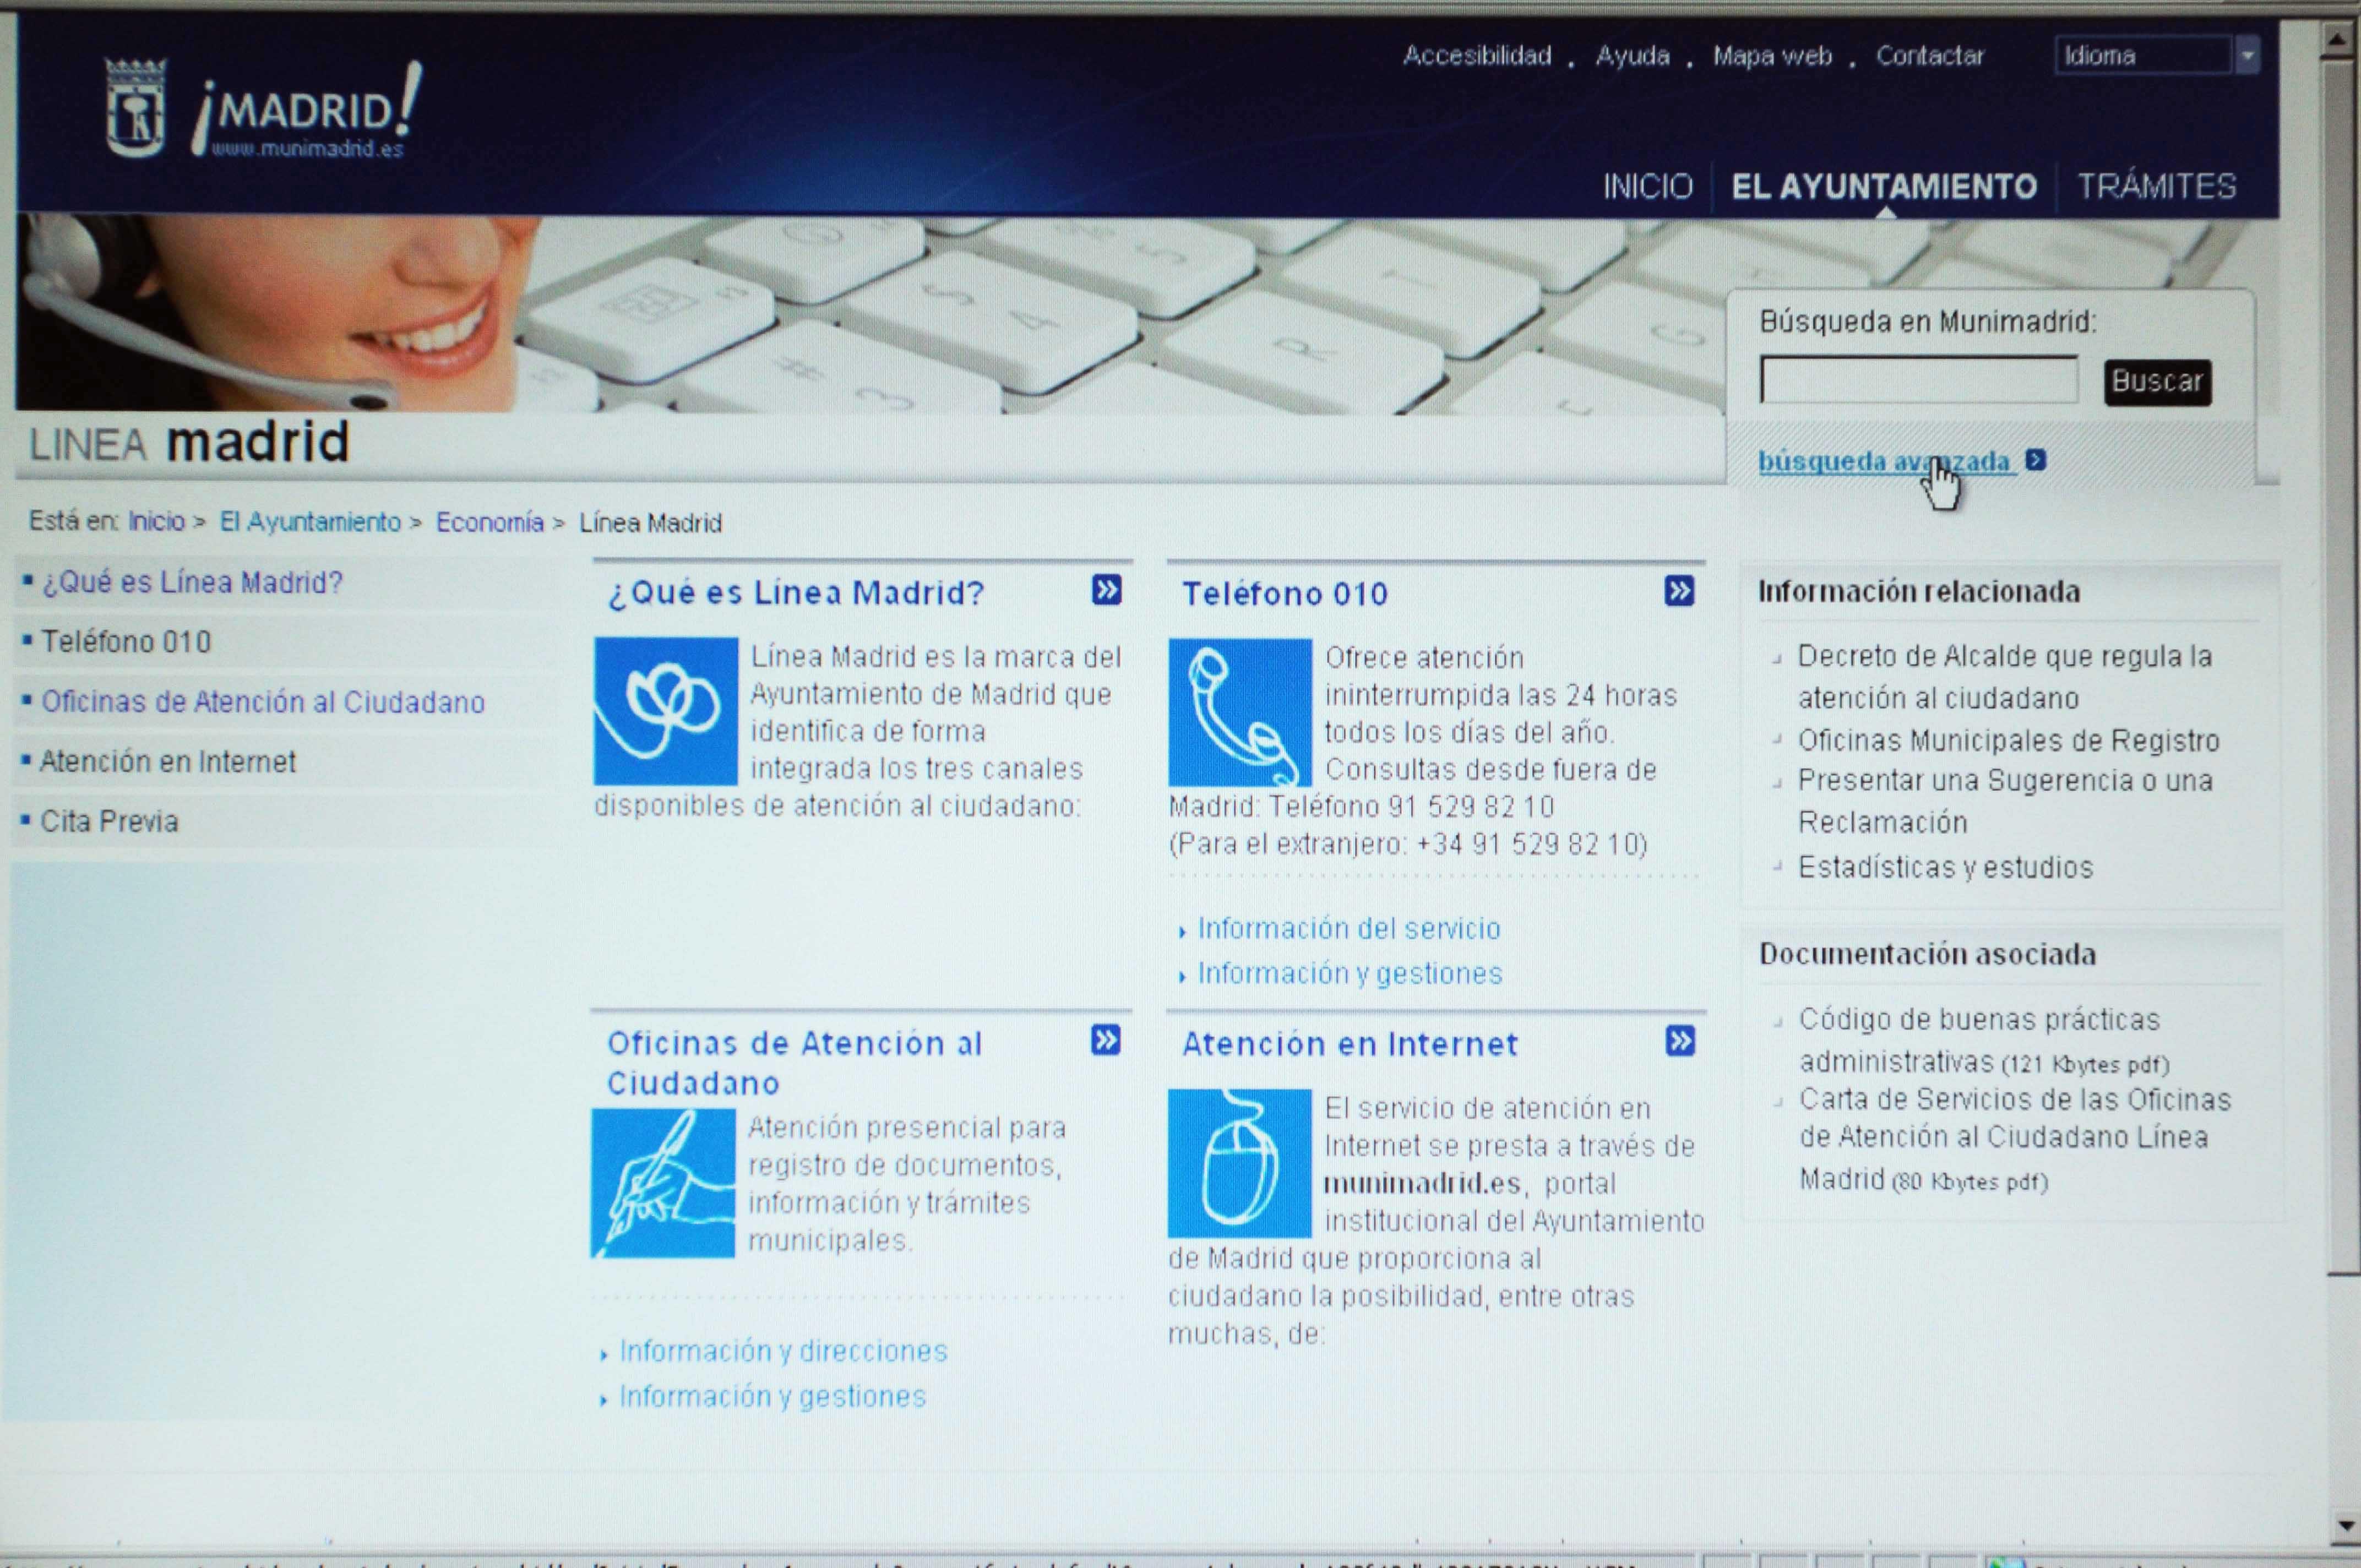 Se universaliza ayuntamiento de madrid - Oficinas de atencion a la ciudadania linea madrid ...